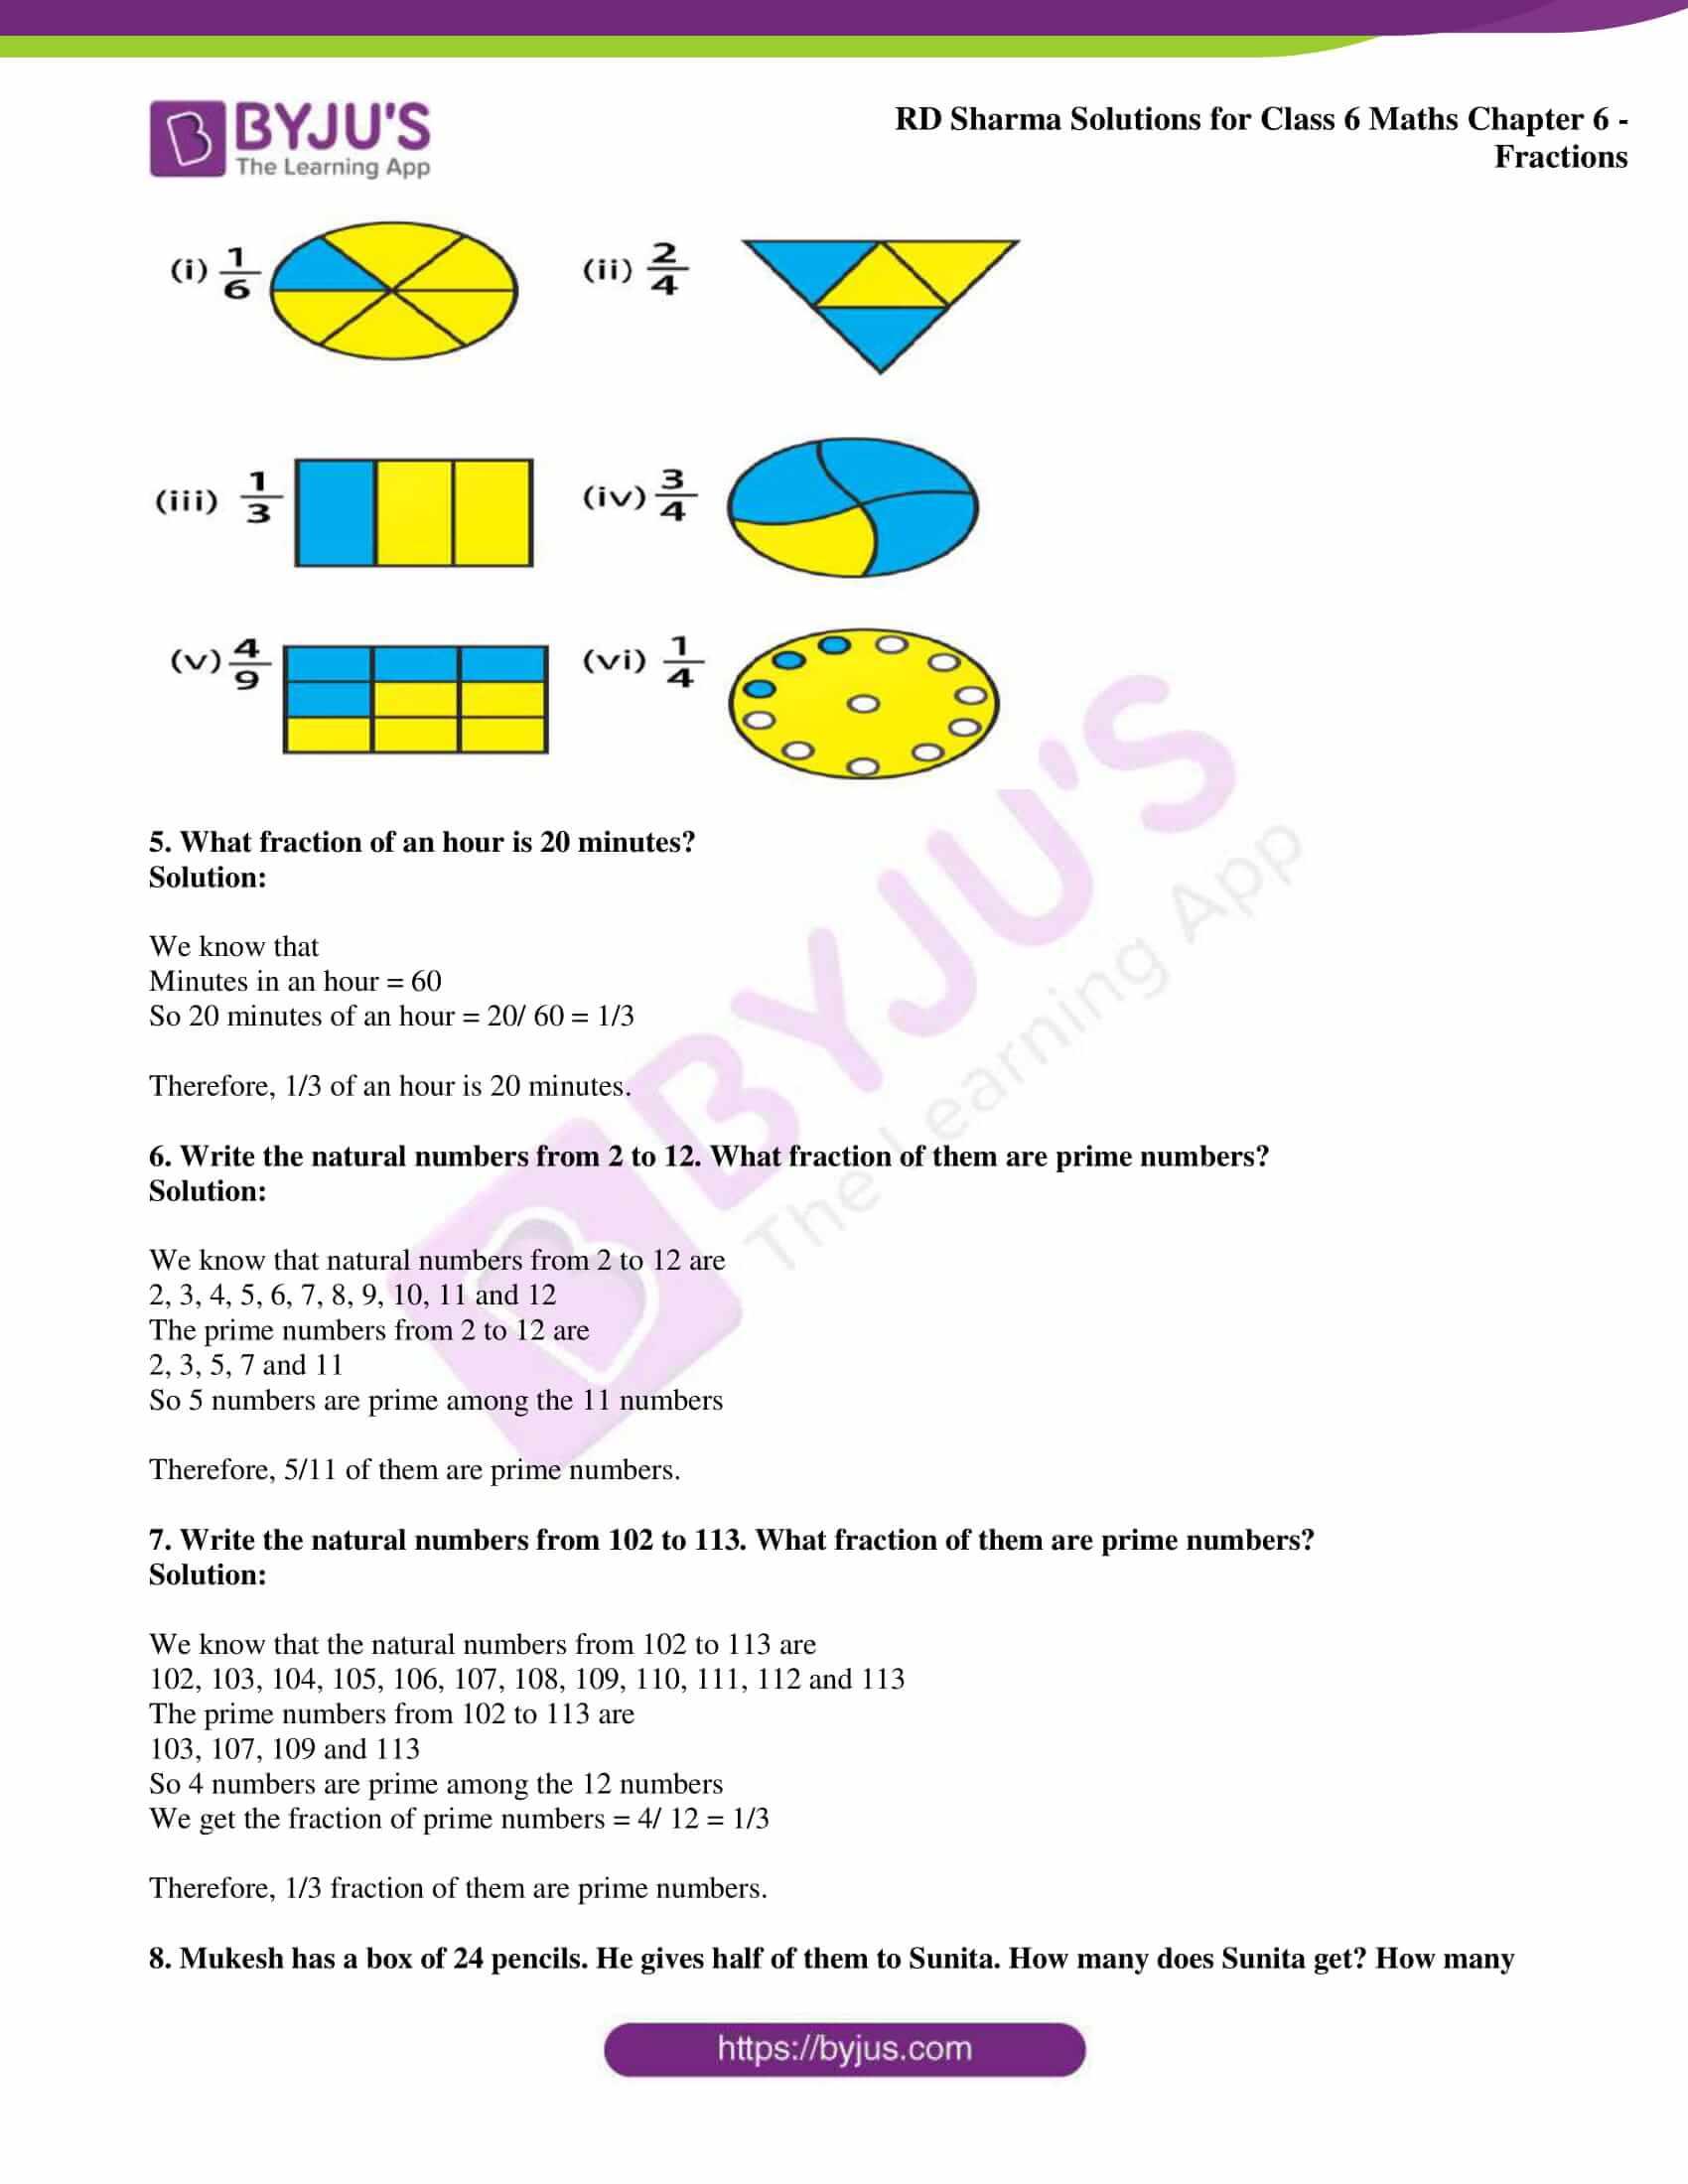 rd sharma class 6 maths solutions chapter 6 ex 1 5